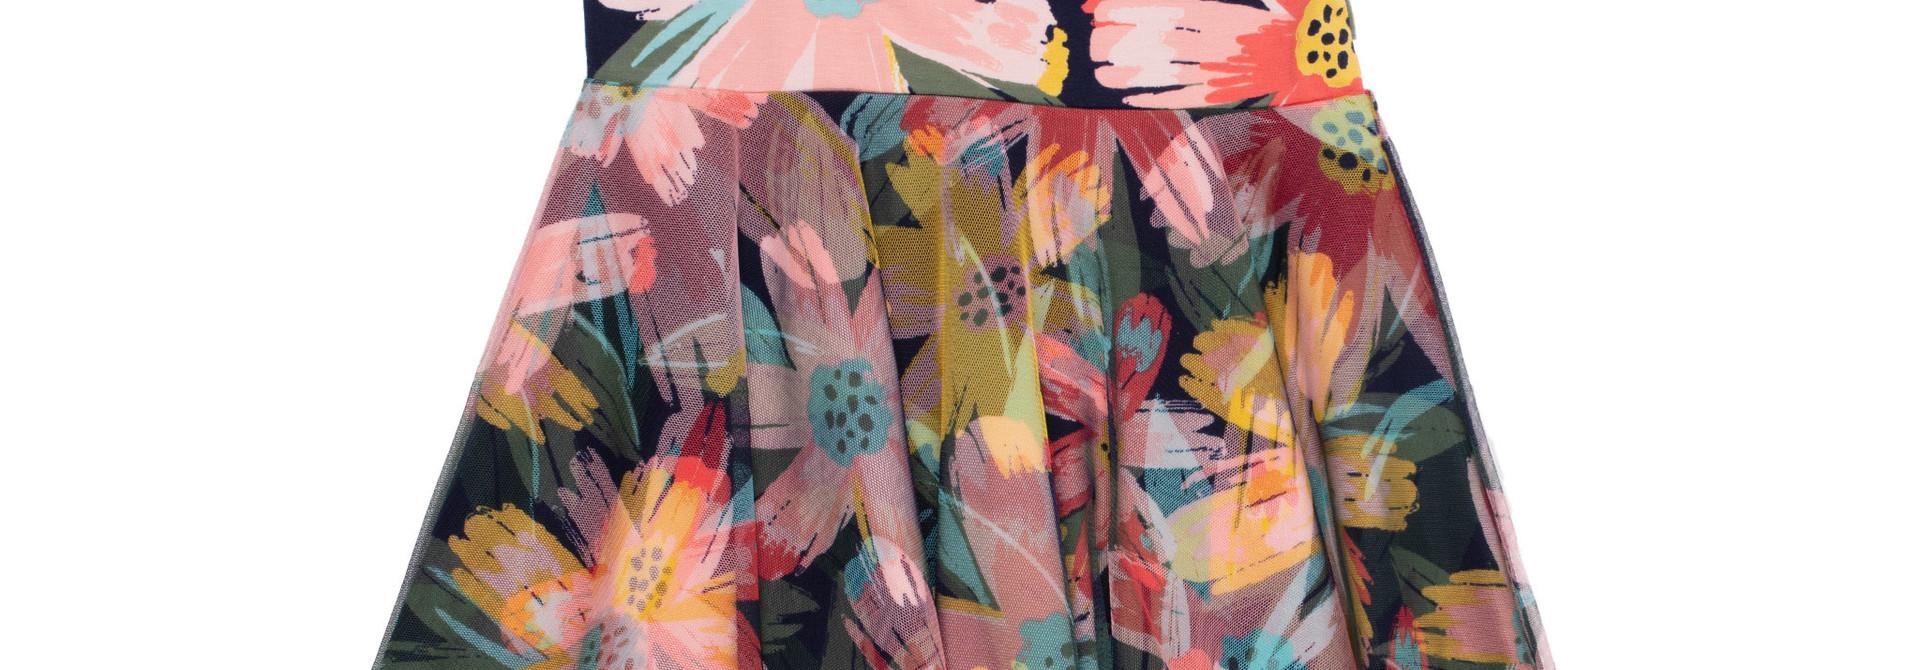 Robe avec voile motif floral Bonjour soleil